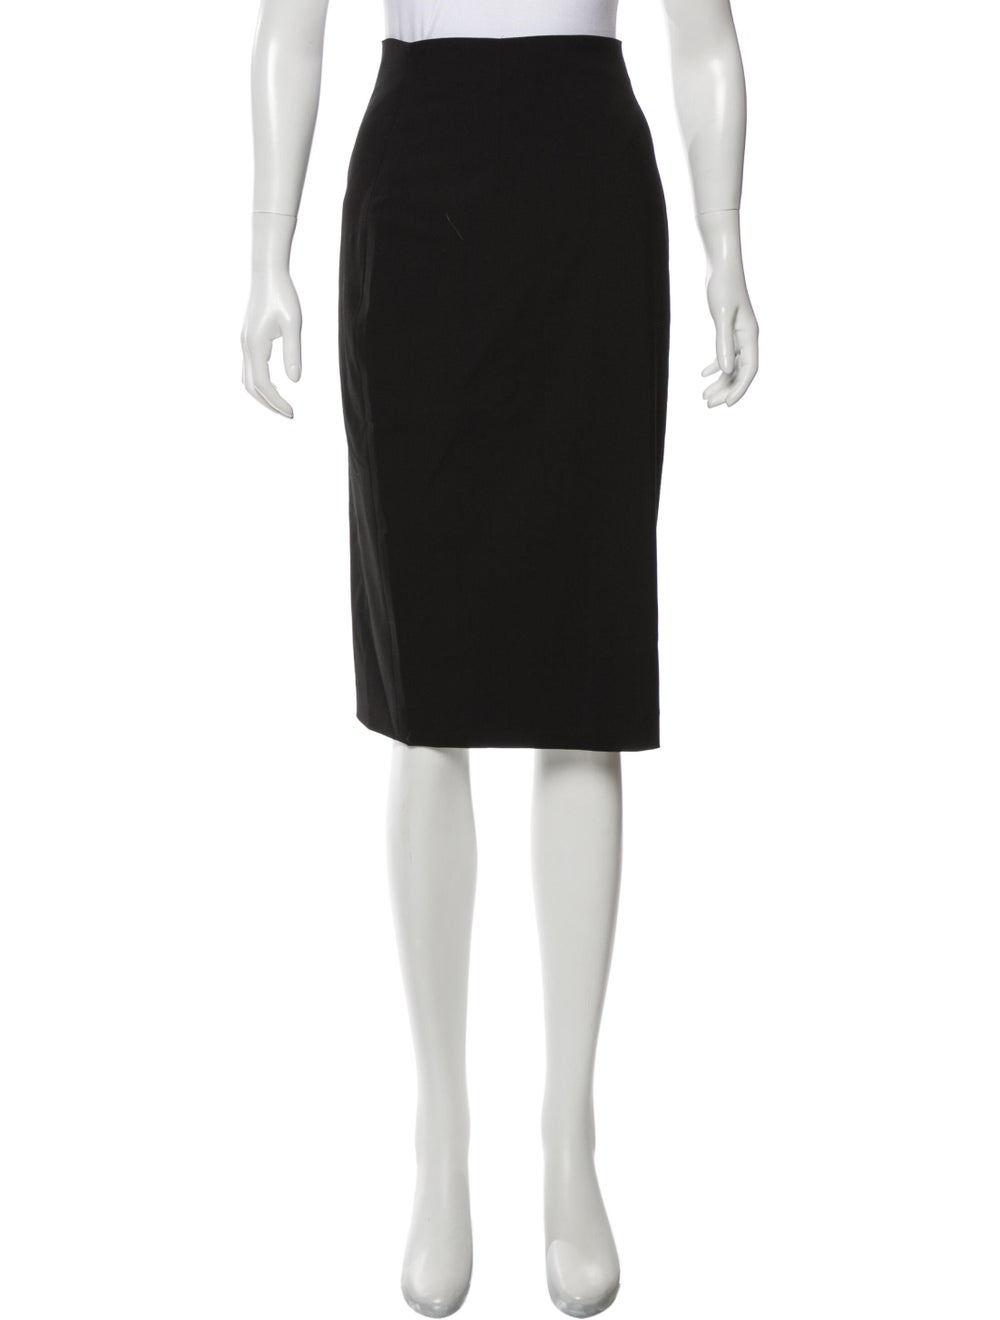 Plein Sud Knee-Length Skirt Black - image 1